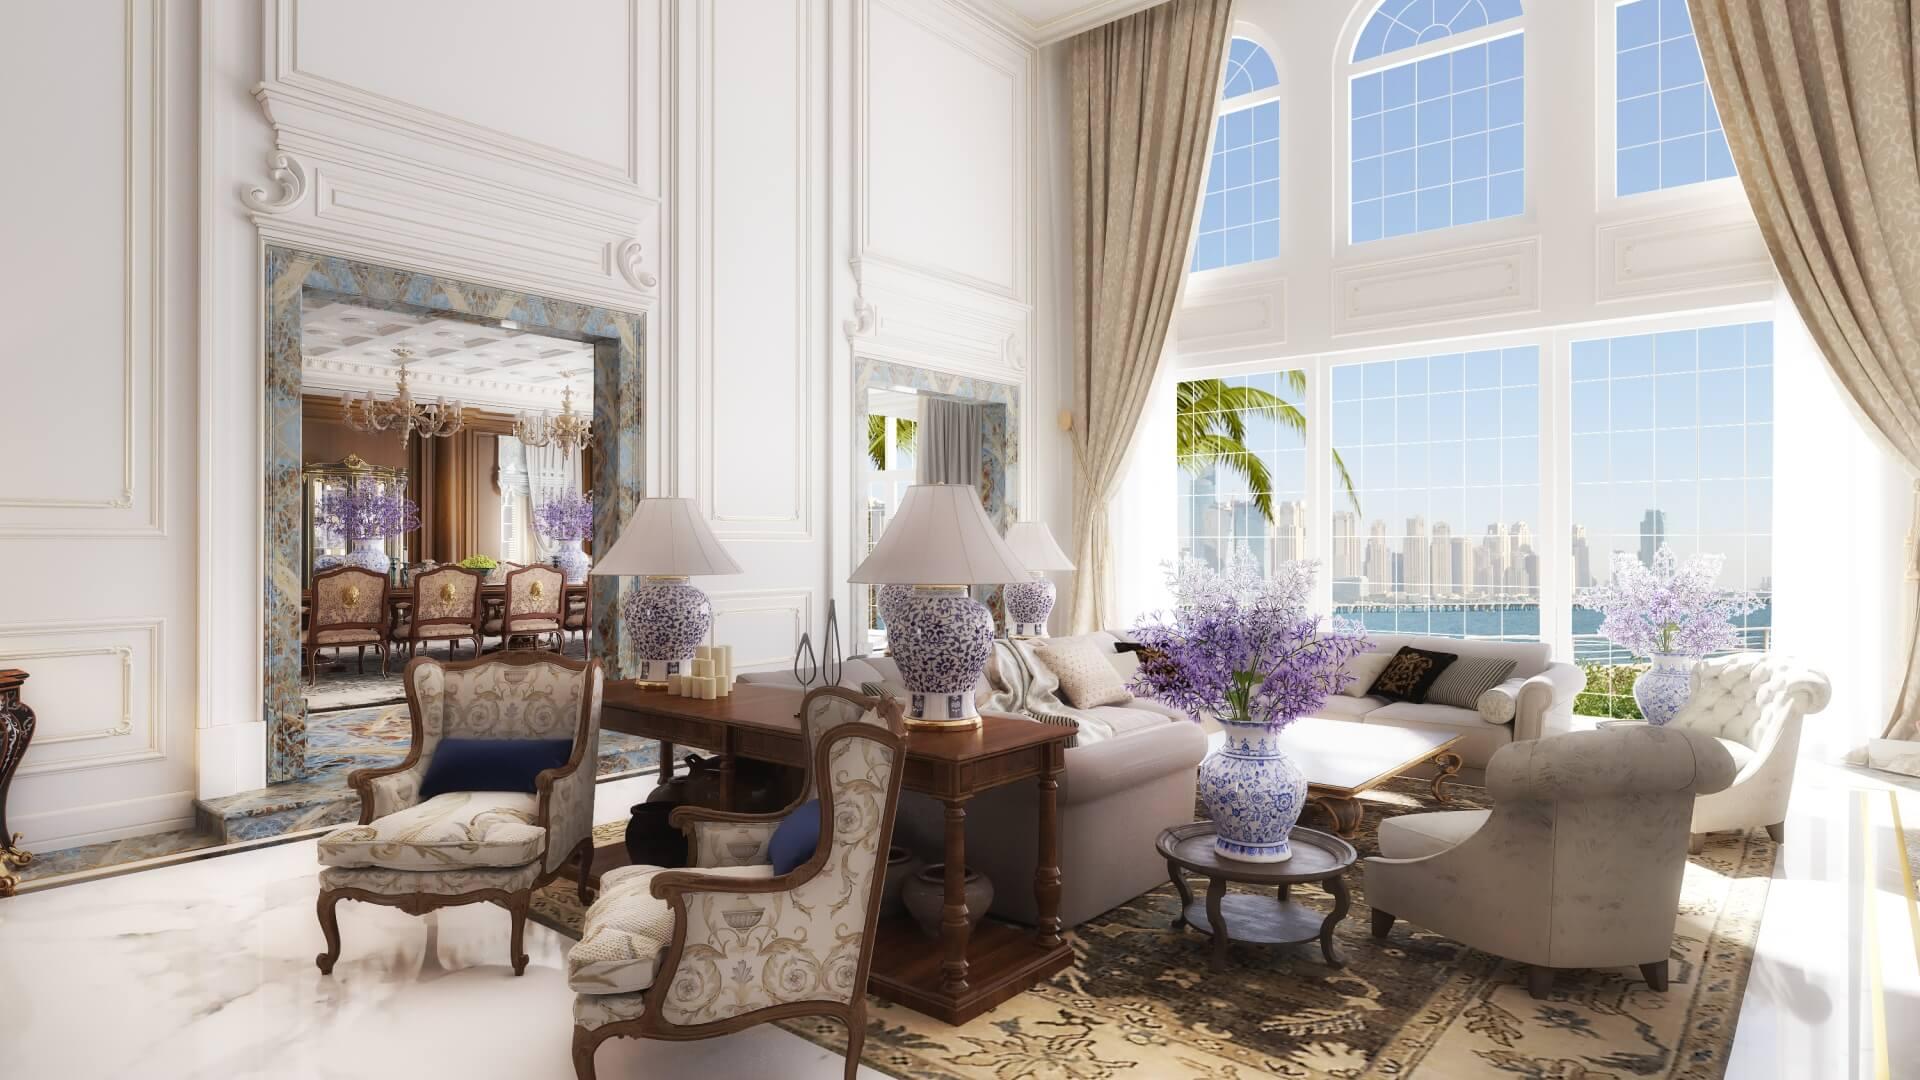 Villa en venta en Dubai, EAU, 7 dormitorios, 1103 m2, № 24257 – foto 2